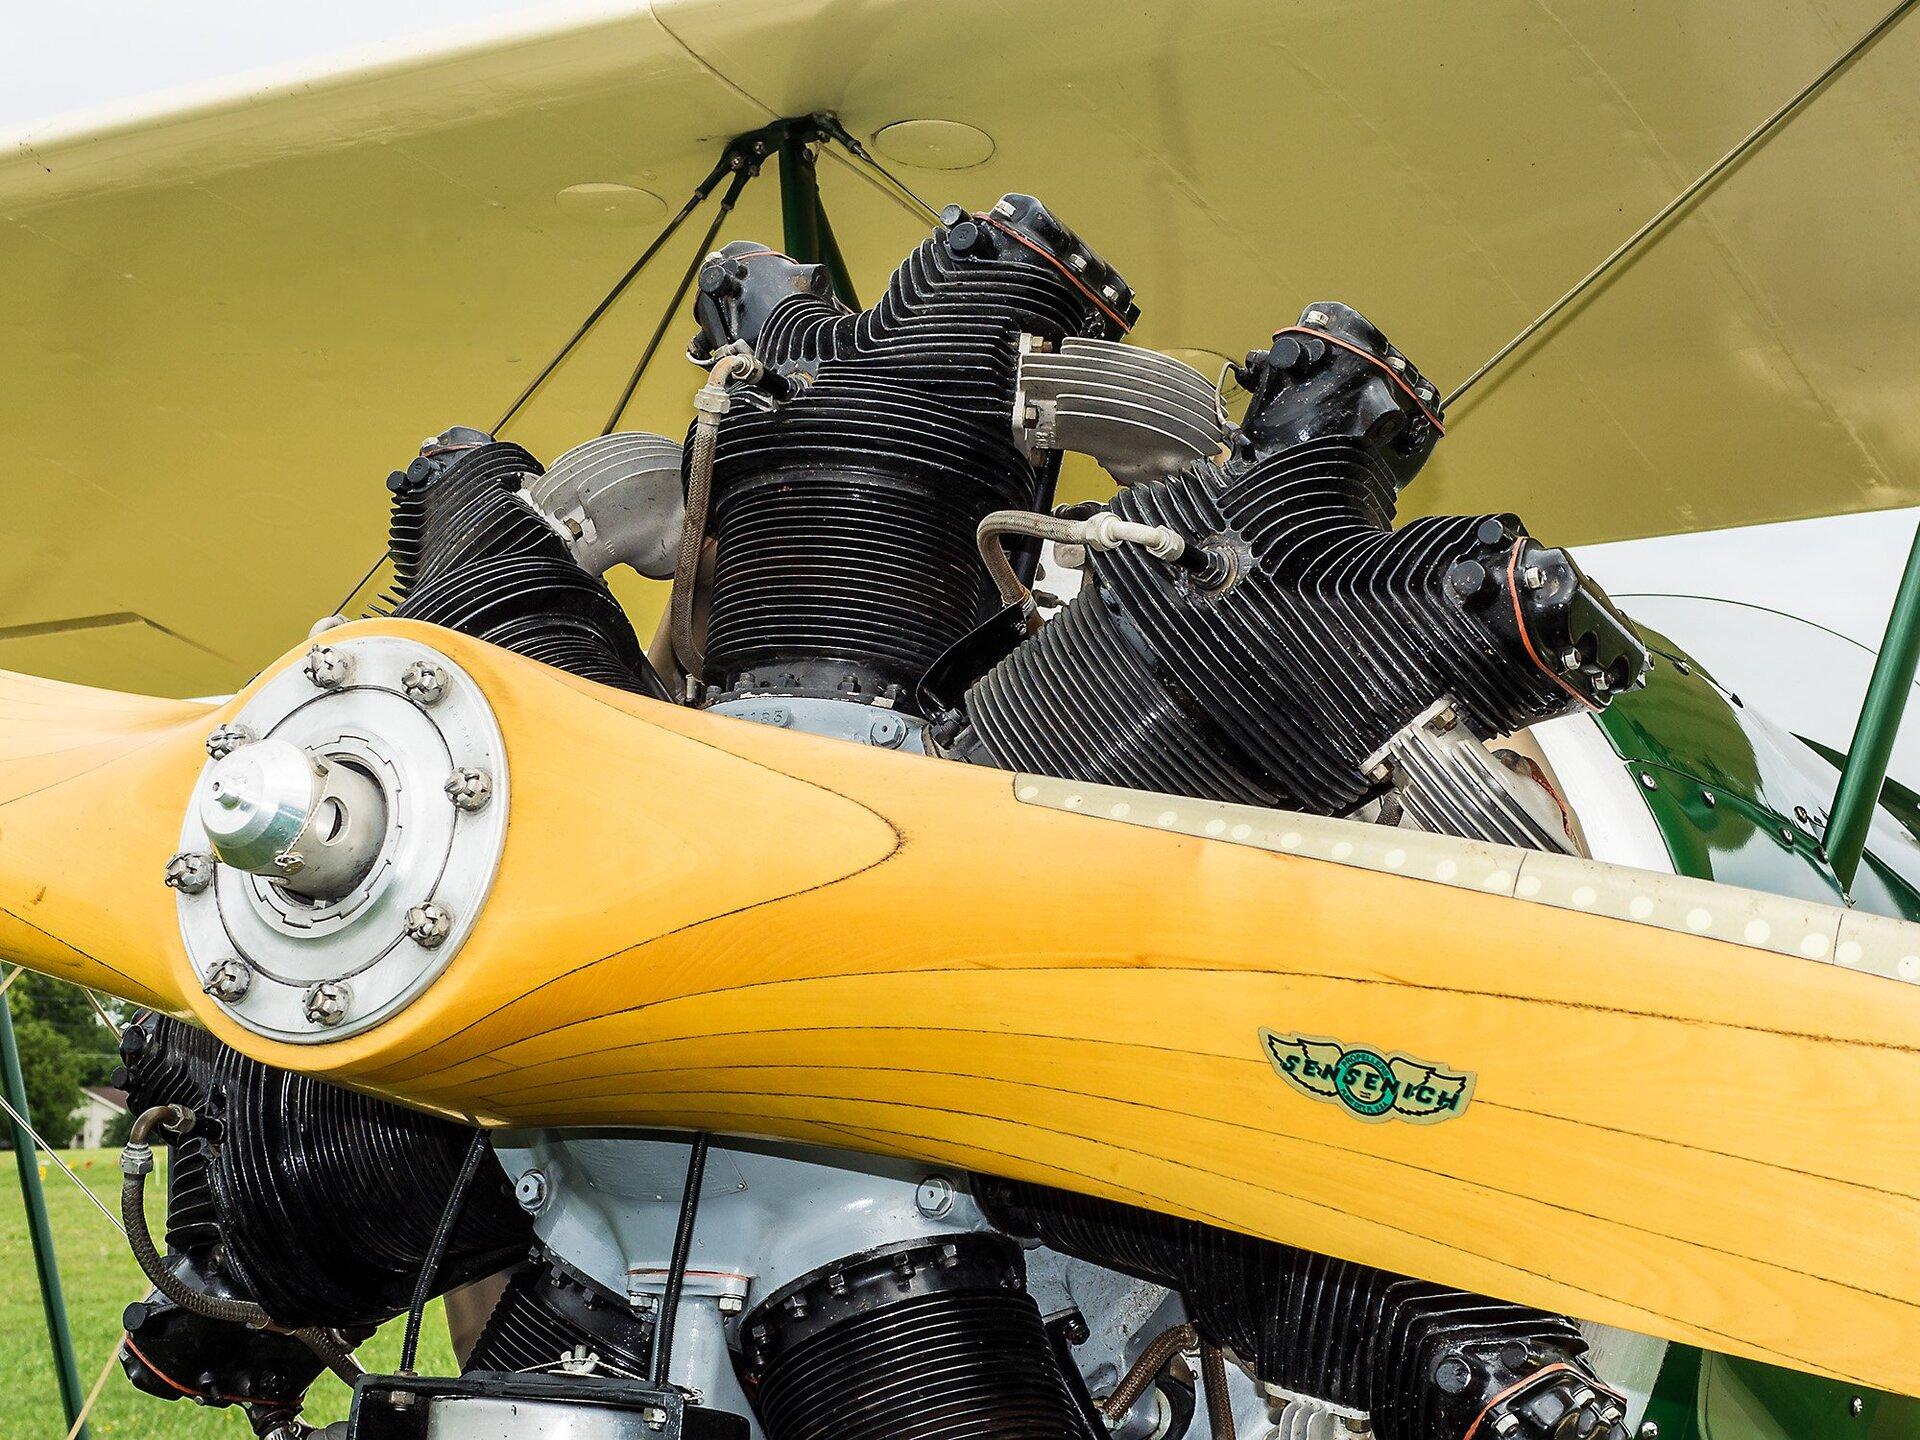 Zdjęcie przedstawia wzbliżeniu silnik samolotu dwupłatowego icentralną część śmigła. Śmigło żółte, drewniane, silnik wkonstrukcji gwiazdowej, zczarnymi cylindrami rozmieszczonymi koncentrycznie wokół centralnego wału korbowego wsrebrnej oprawie. Na cylindrach wyraźne ożebrowanie służące lepszemu odprowadzaniu ciepła. Ztyłu część kadłuba samolotu wkolorze zielonym oraz fragment górnego skrzydła wkolorze żółtym. Wlewym dolnym narożniku kadru wtle trawa idrzewa.